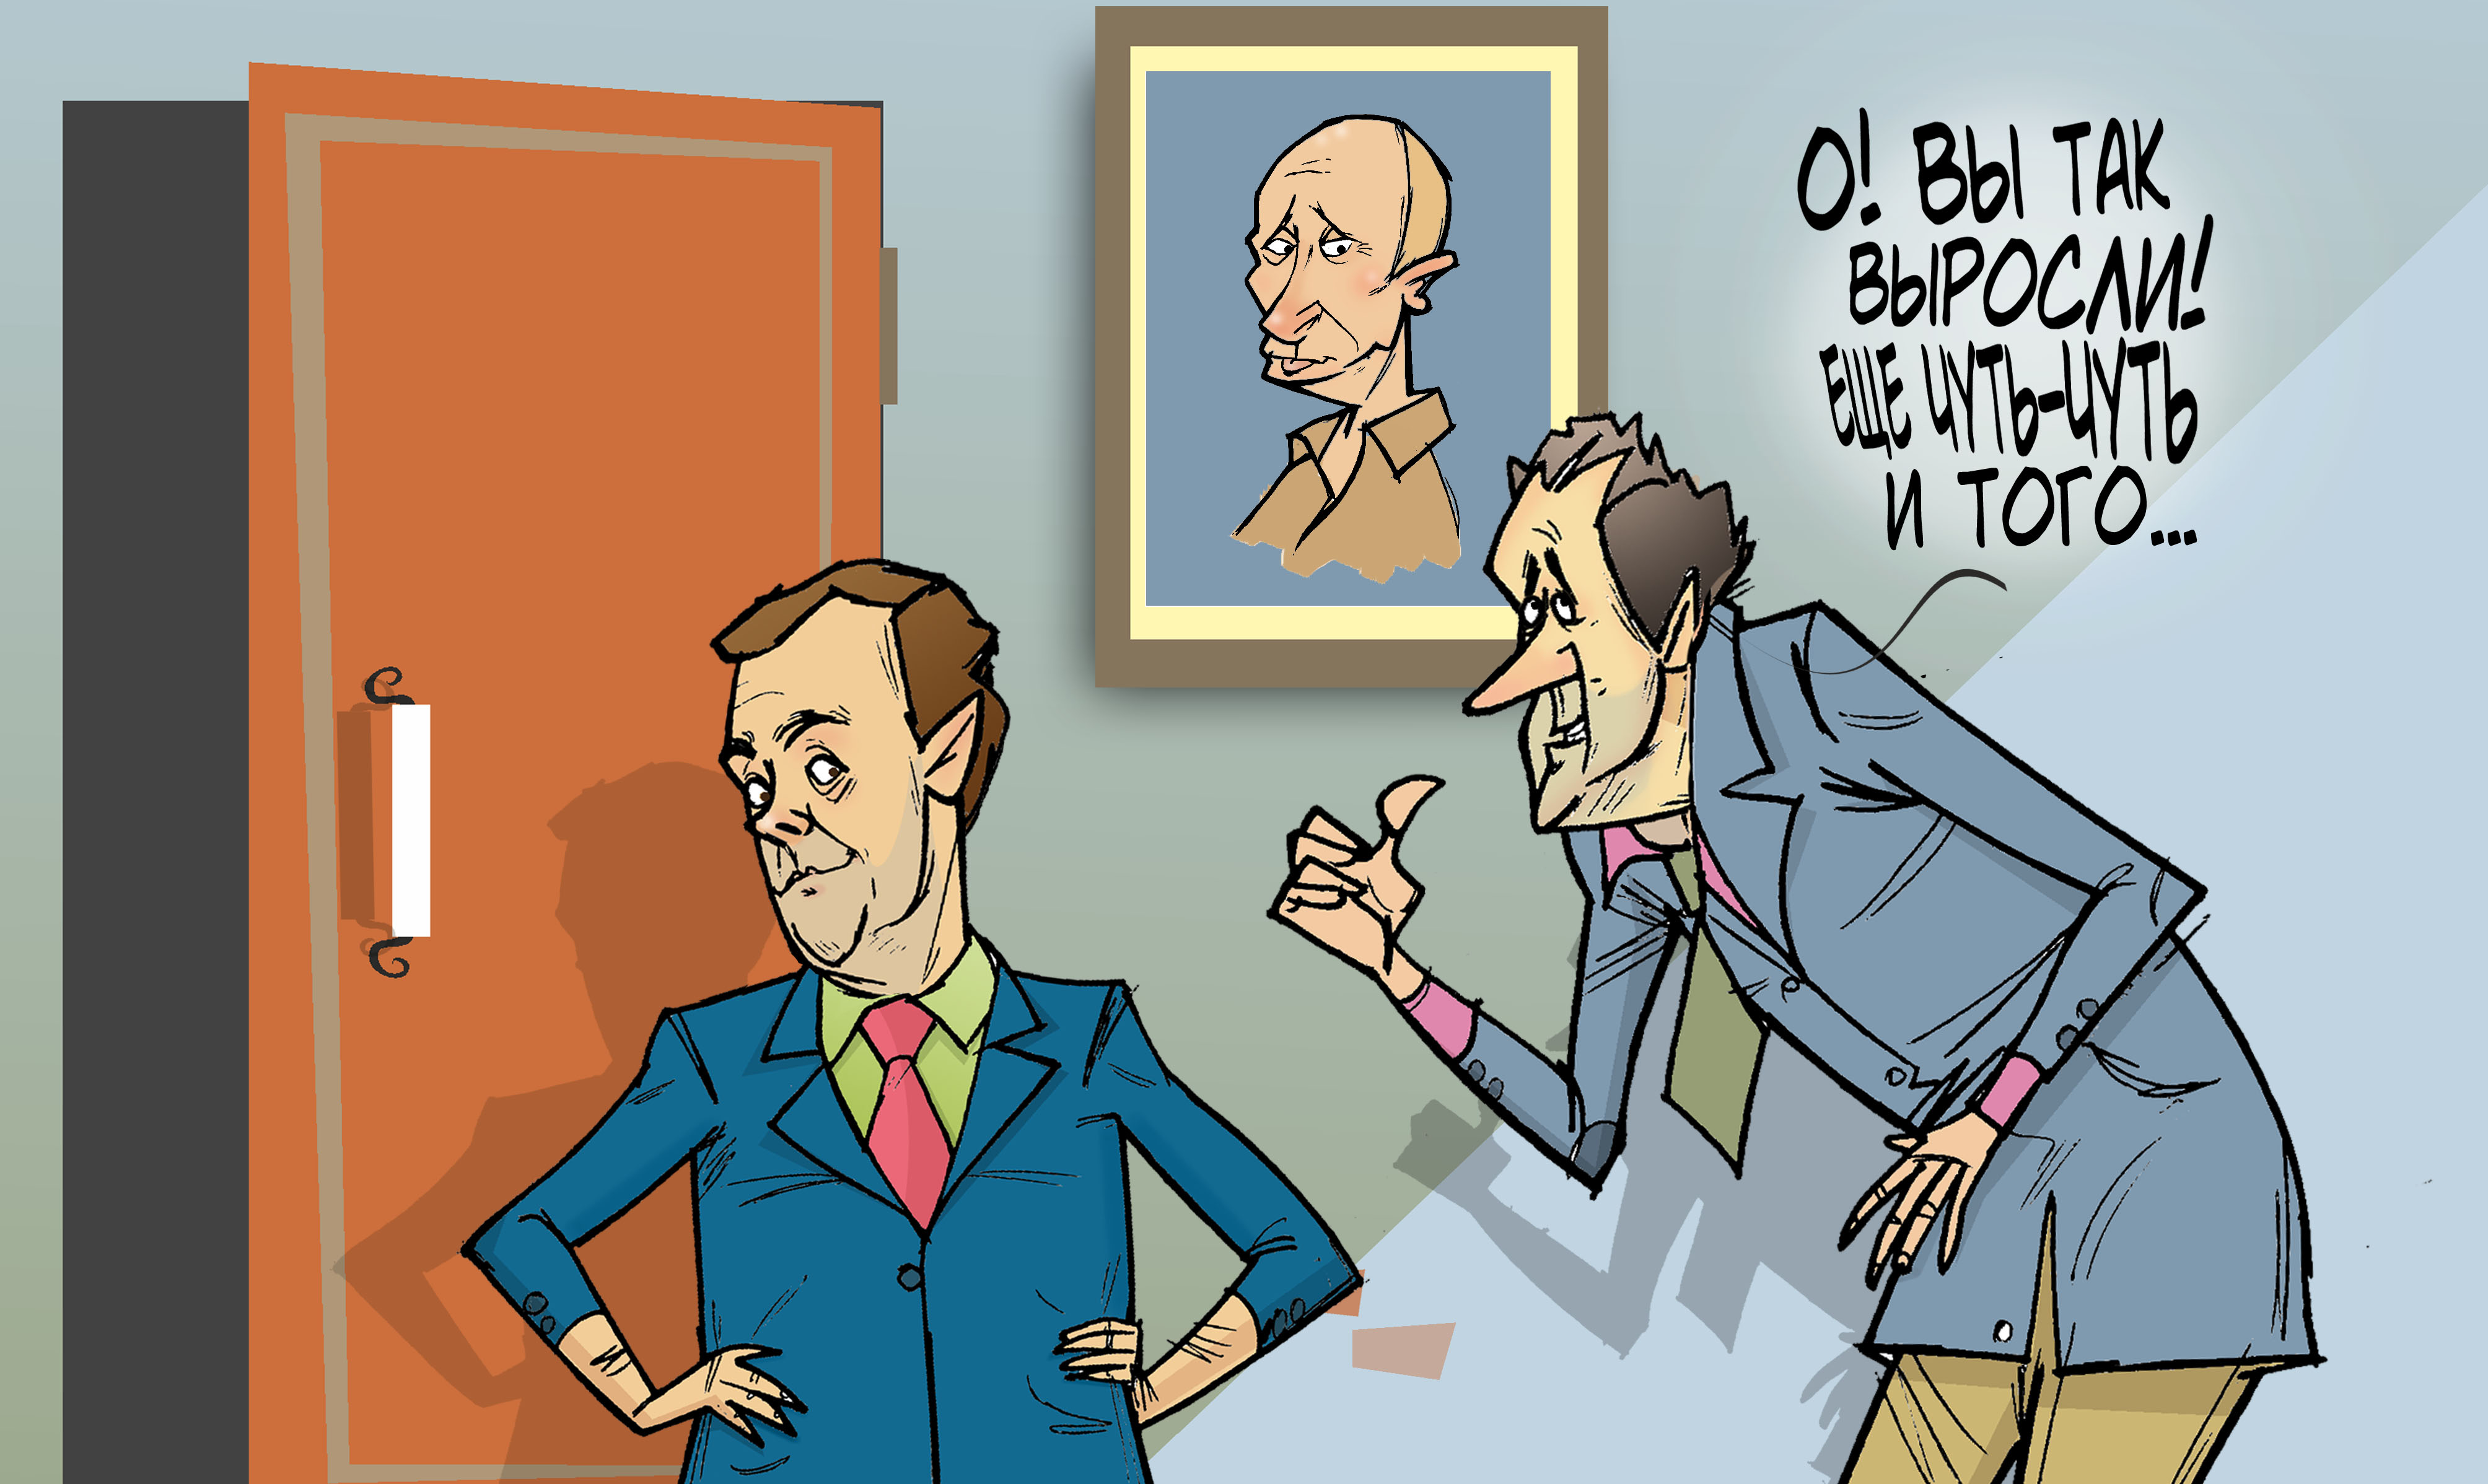 """Волков Медведеву не товарищ. #ПрезидентУР #Волков #Медведев #Путин © Газета """"День"""" 2012"""